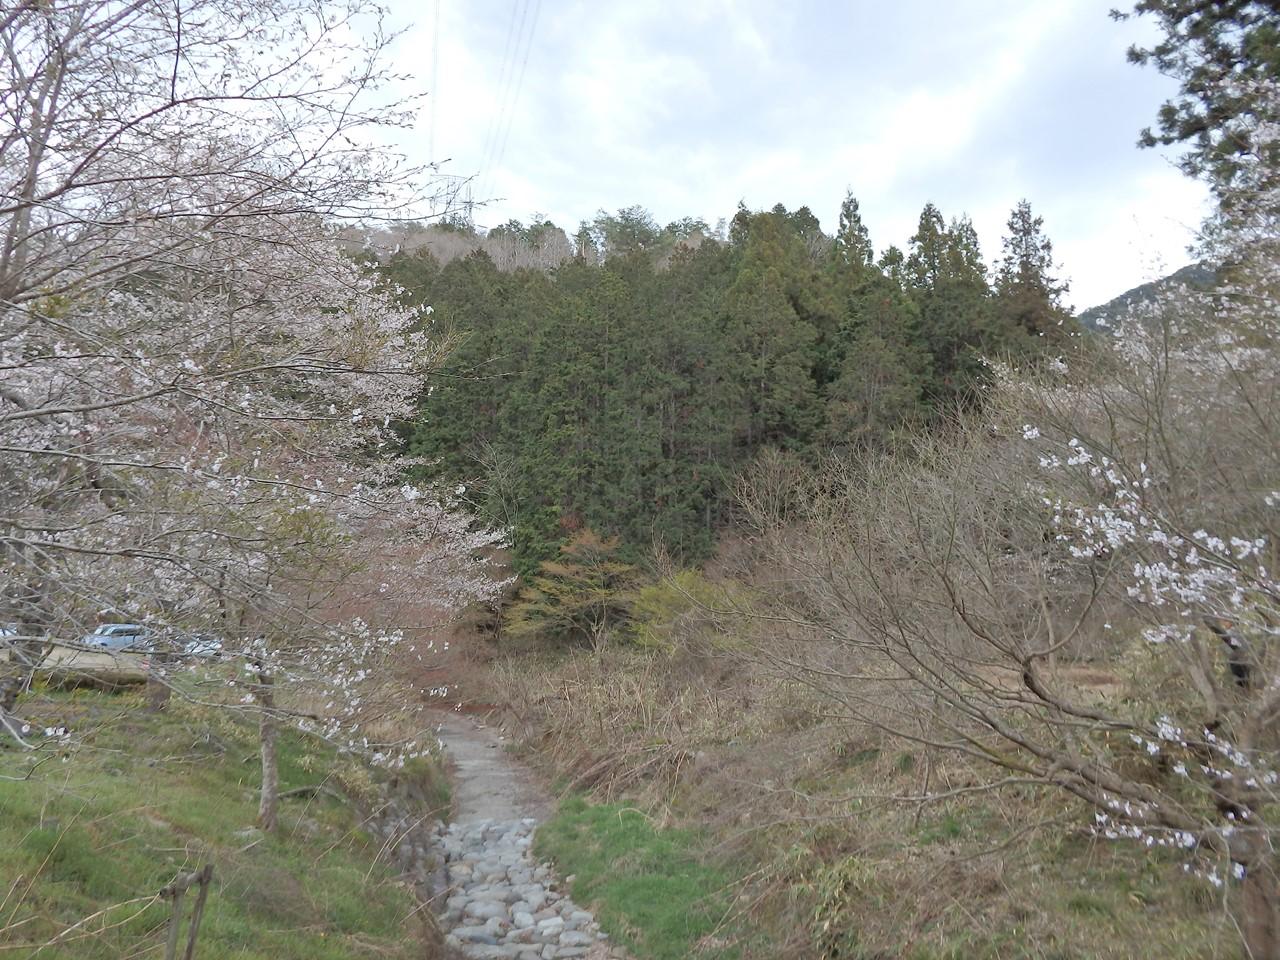 『寺尾ヶ原千本桜公園を歩いて』_d0054276_20585937.jpg